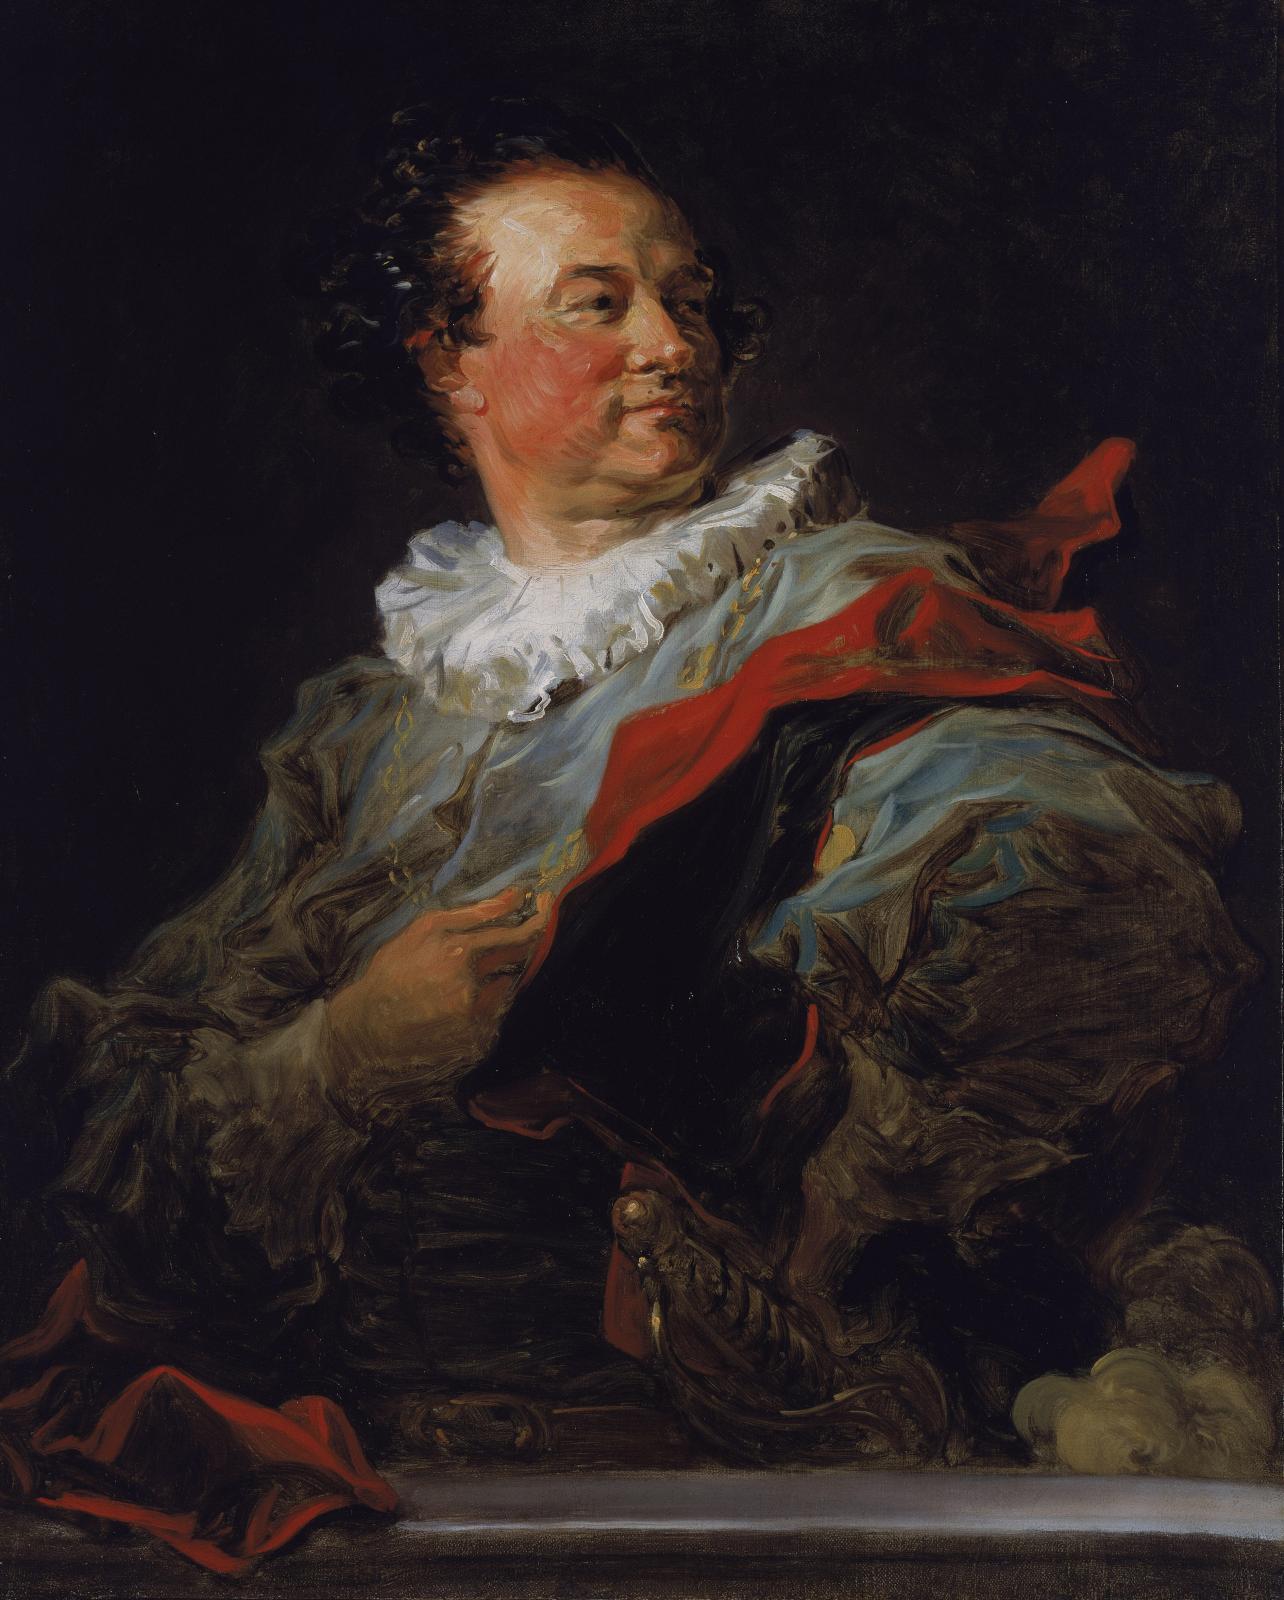 Jean-Honoré Fragonard (1732-1806), François-Henri, duc d'Harcourt, huile sur toile, 81 x 65 cm.